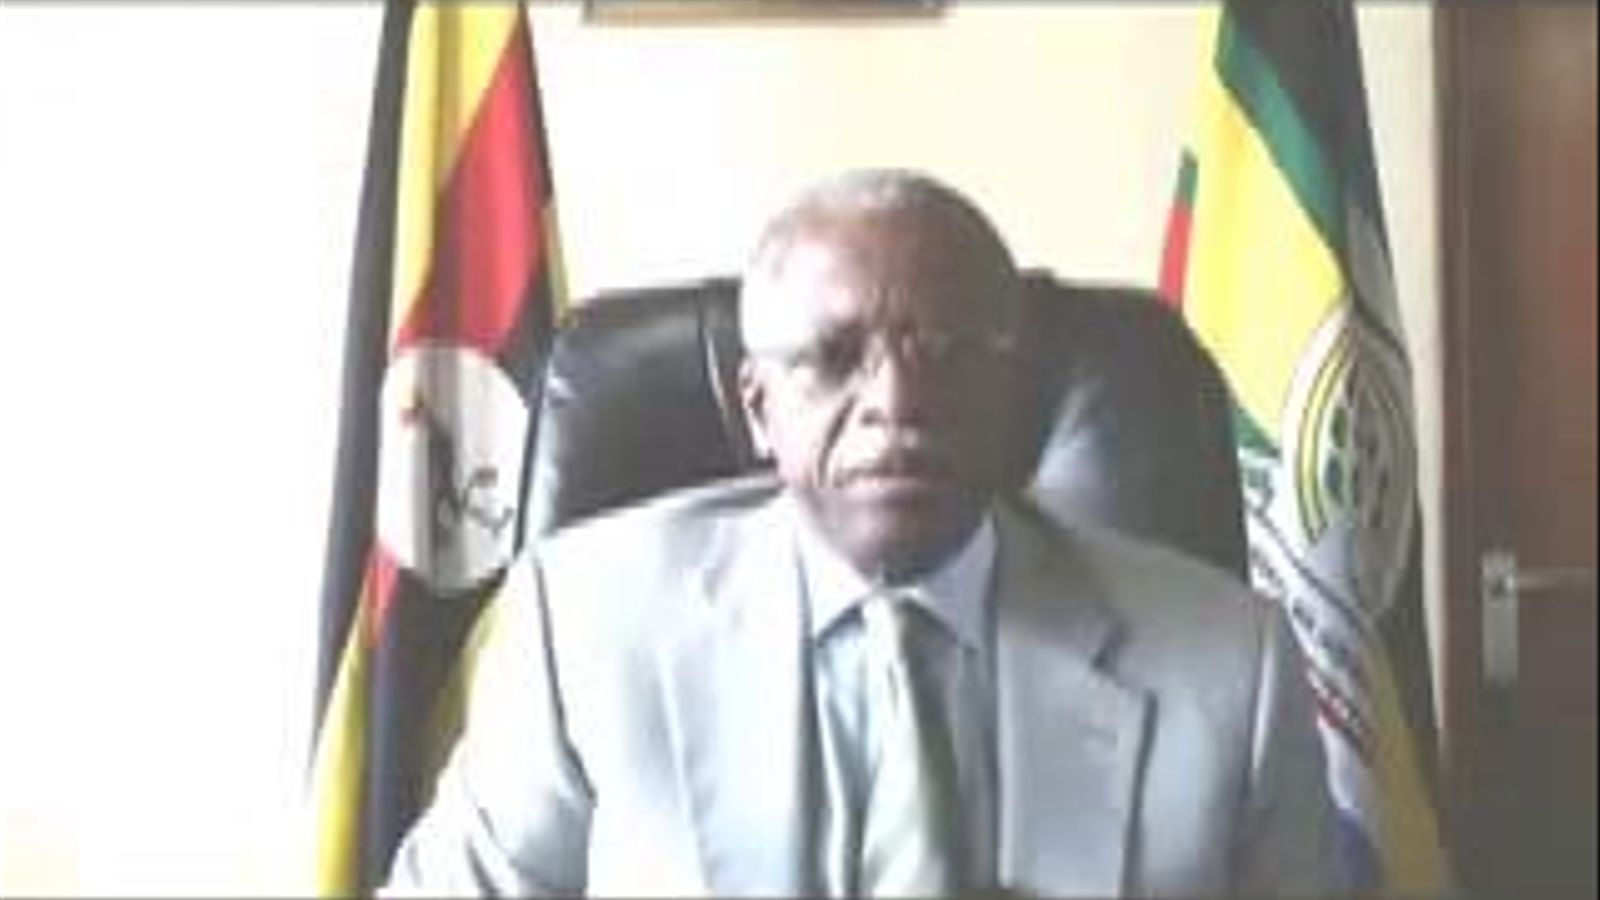 El primer ministre d'Uganda respon al vídeo #Kony2012: Tenim pau, estabilitat i un gran poble